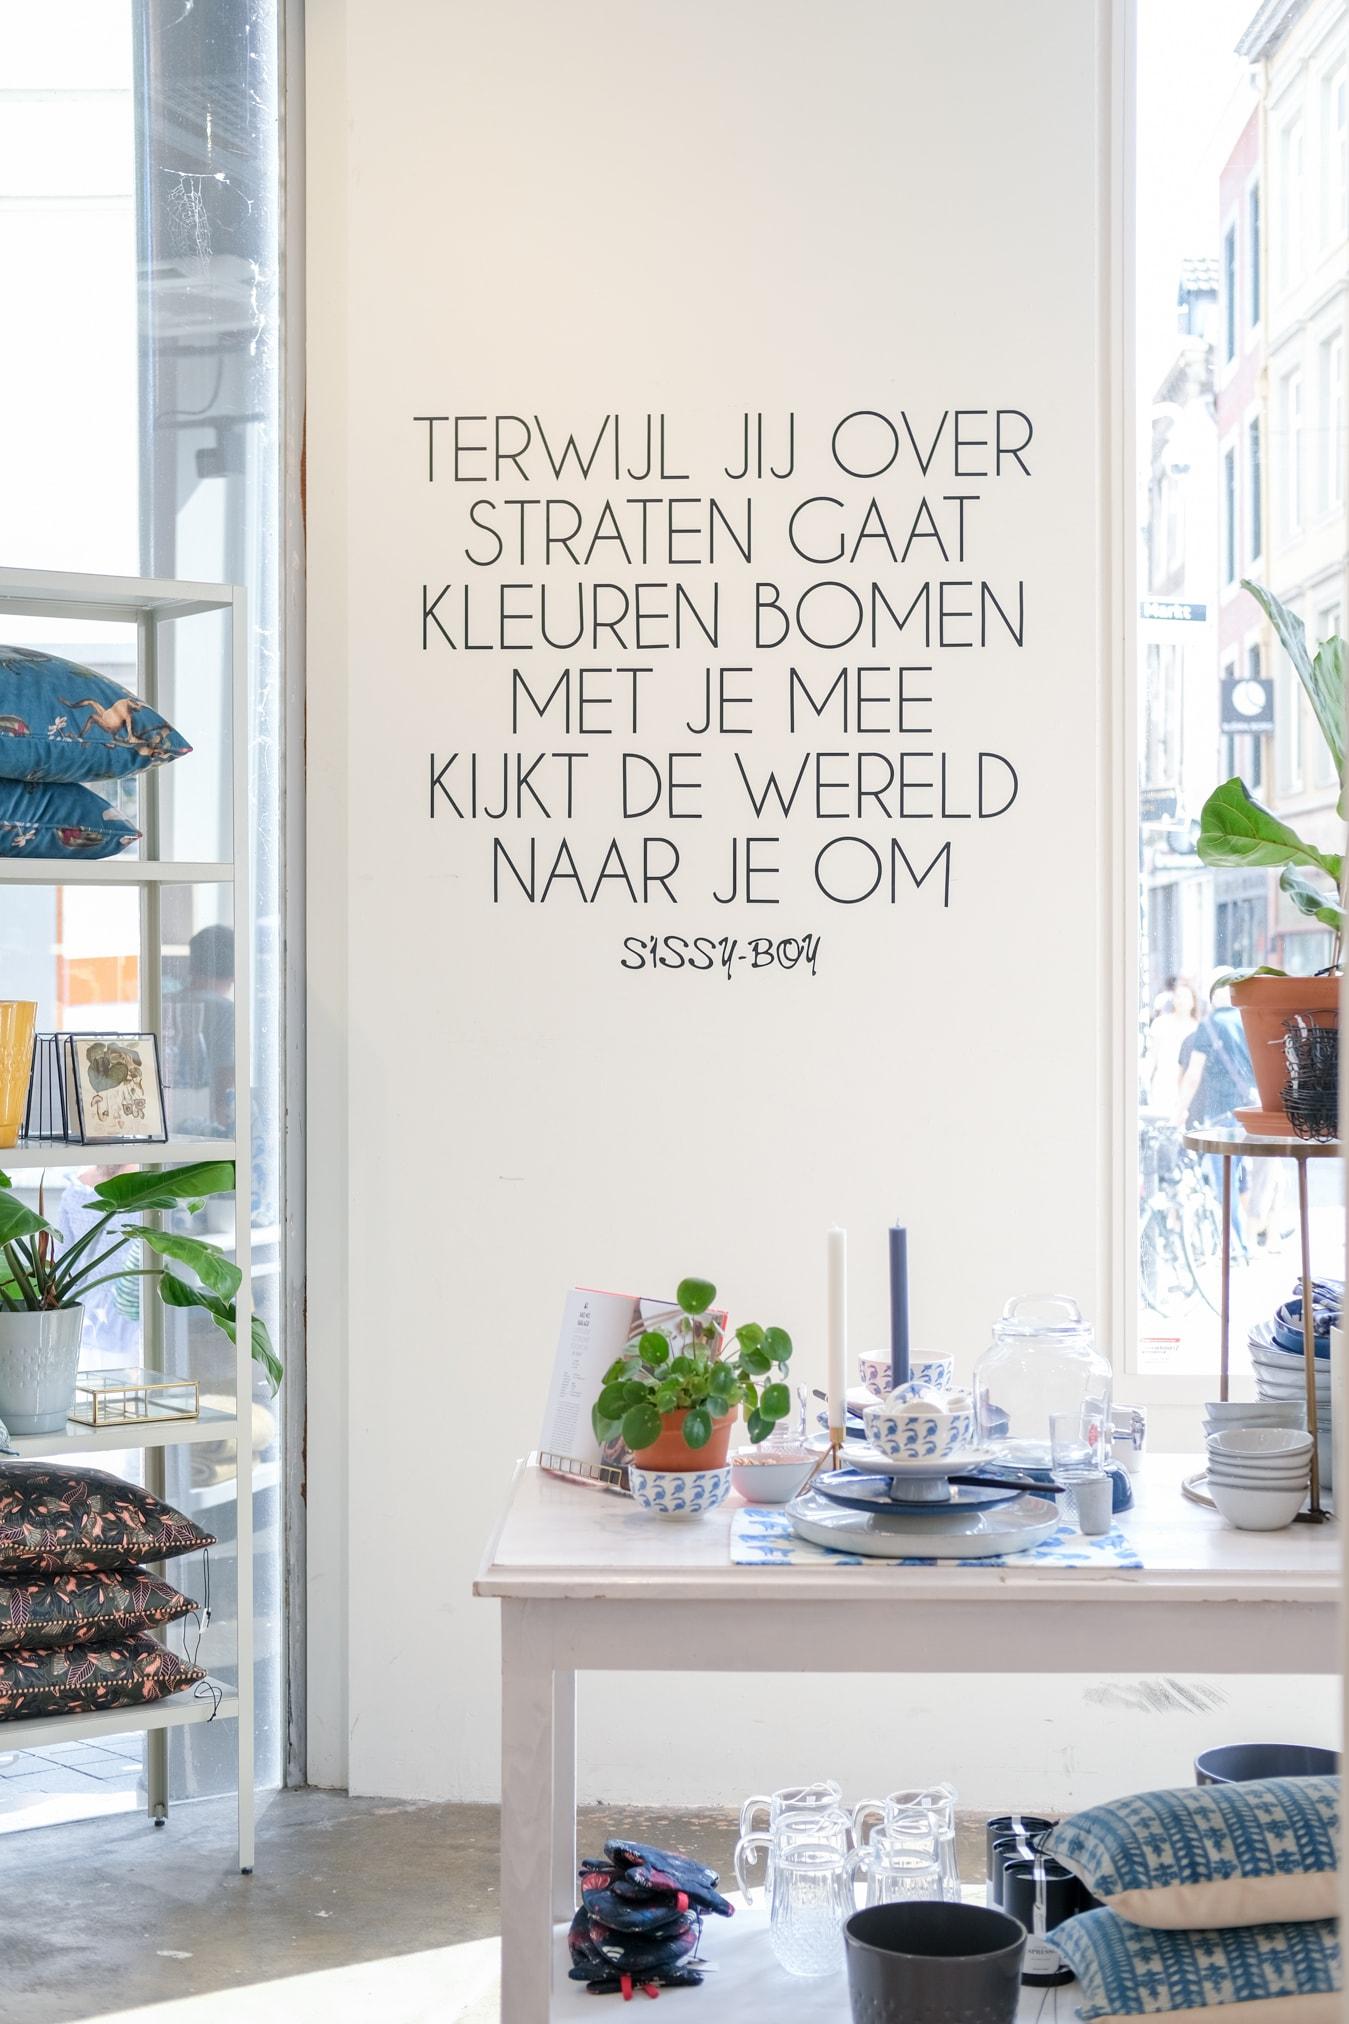 sissy boy maastricht mosae forum